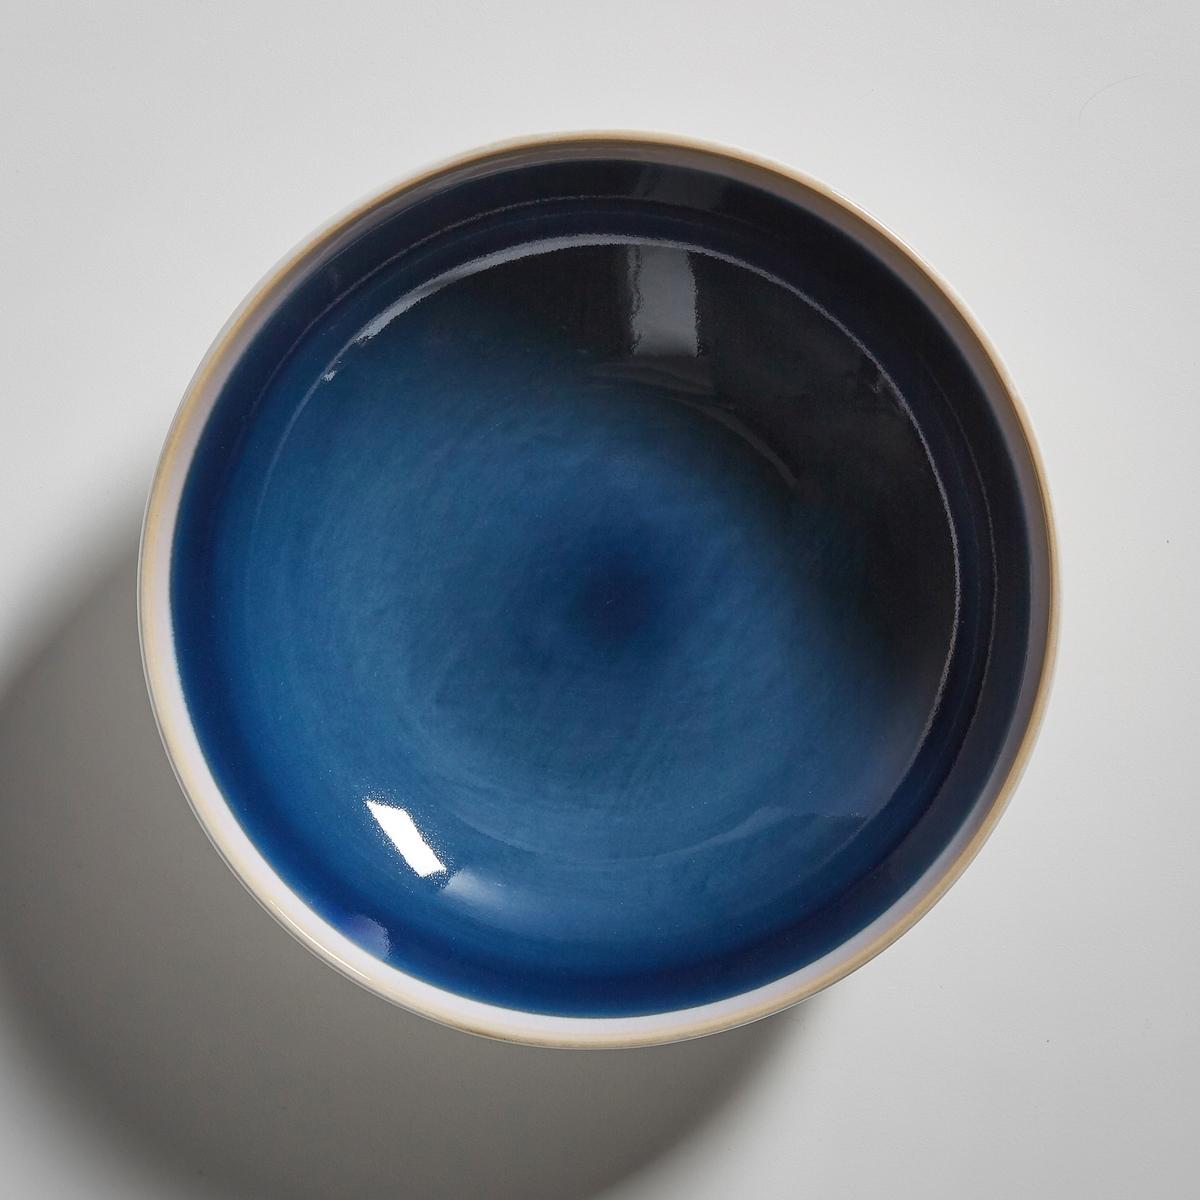 Комплект из 4 глубоких тарелок из керамики, DEONIE комплект из 4 мелких тарелок из керамики olazhi